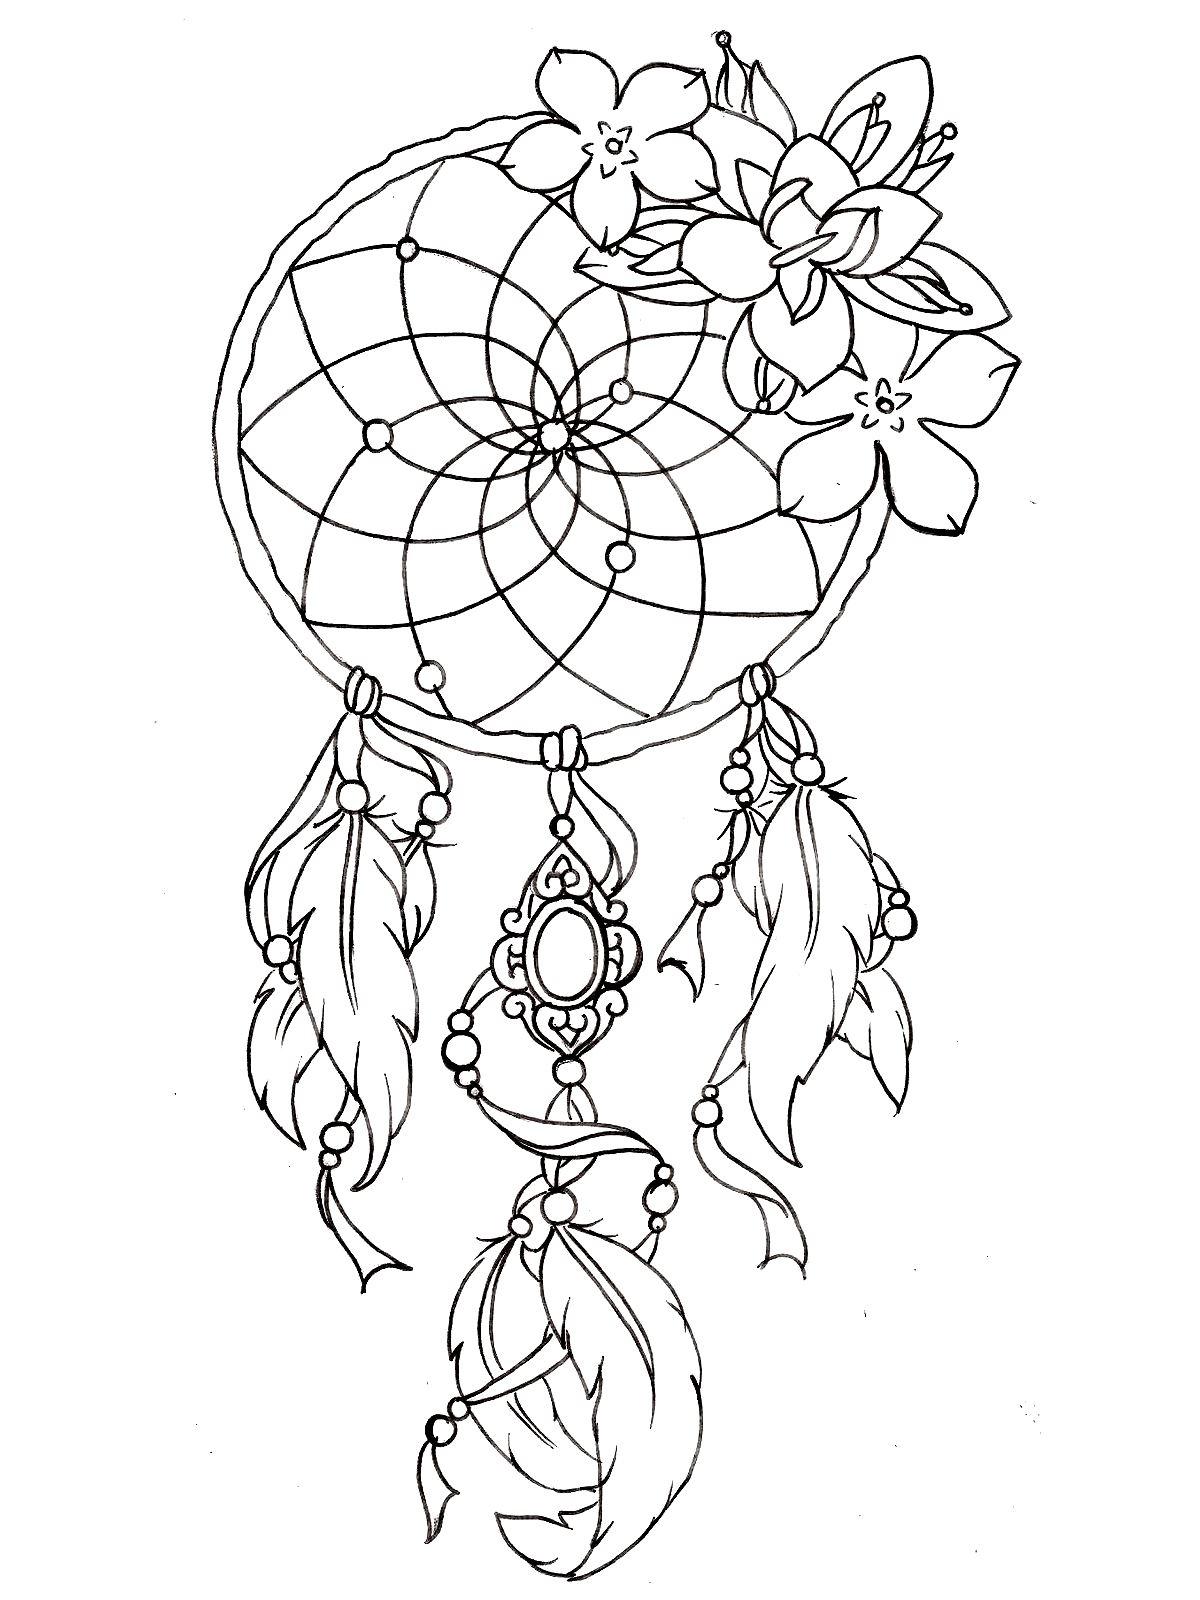 Disegni da colorare per adulti : Tatuaggi - 24